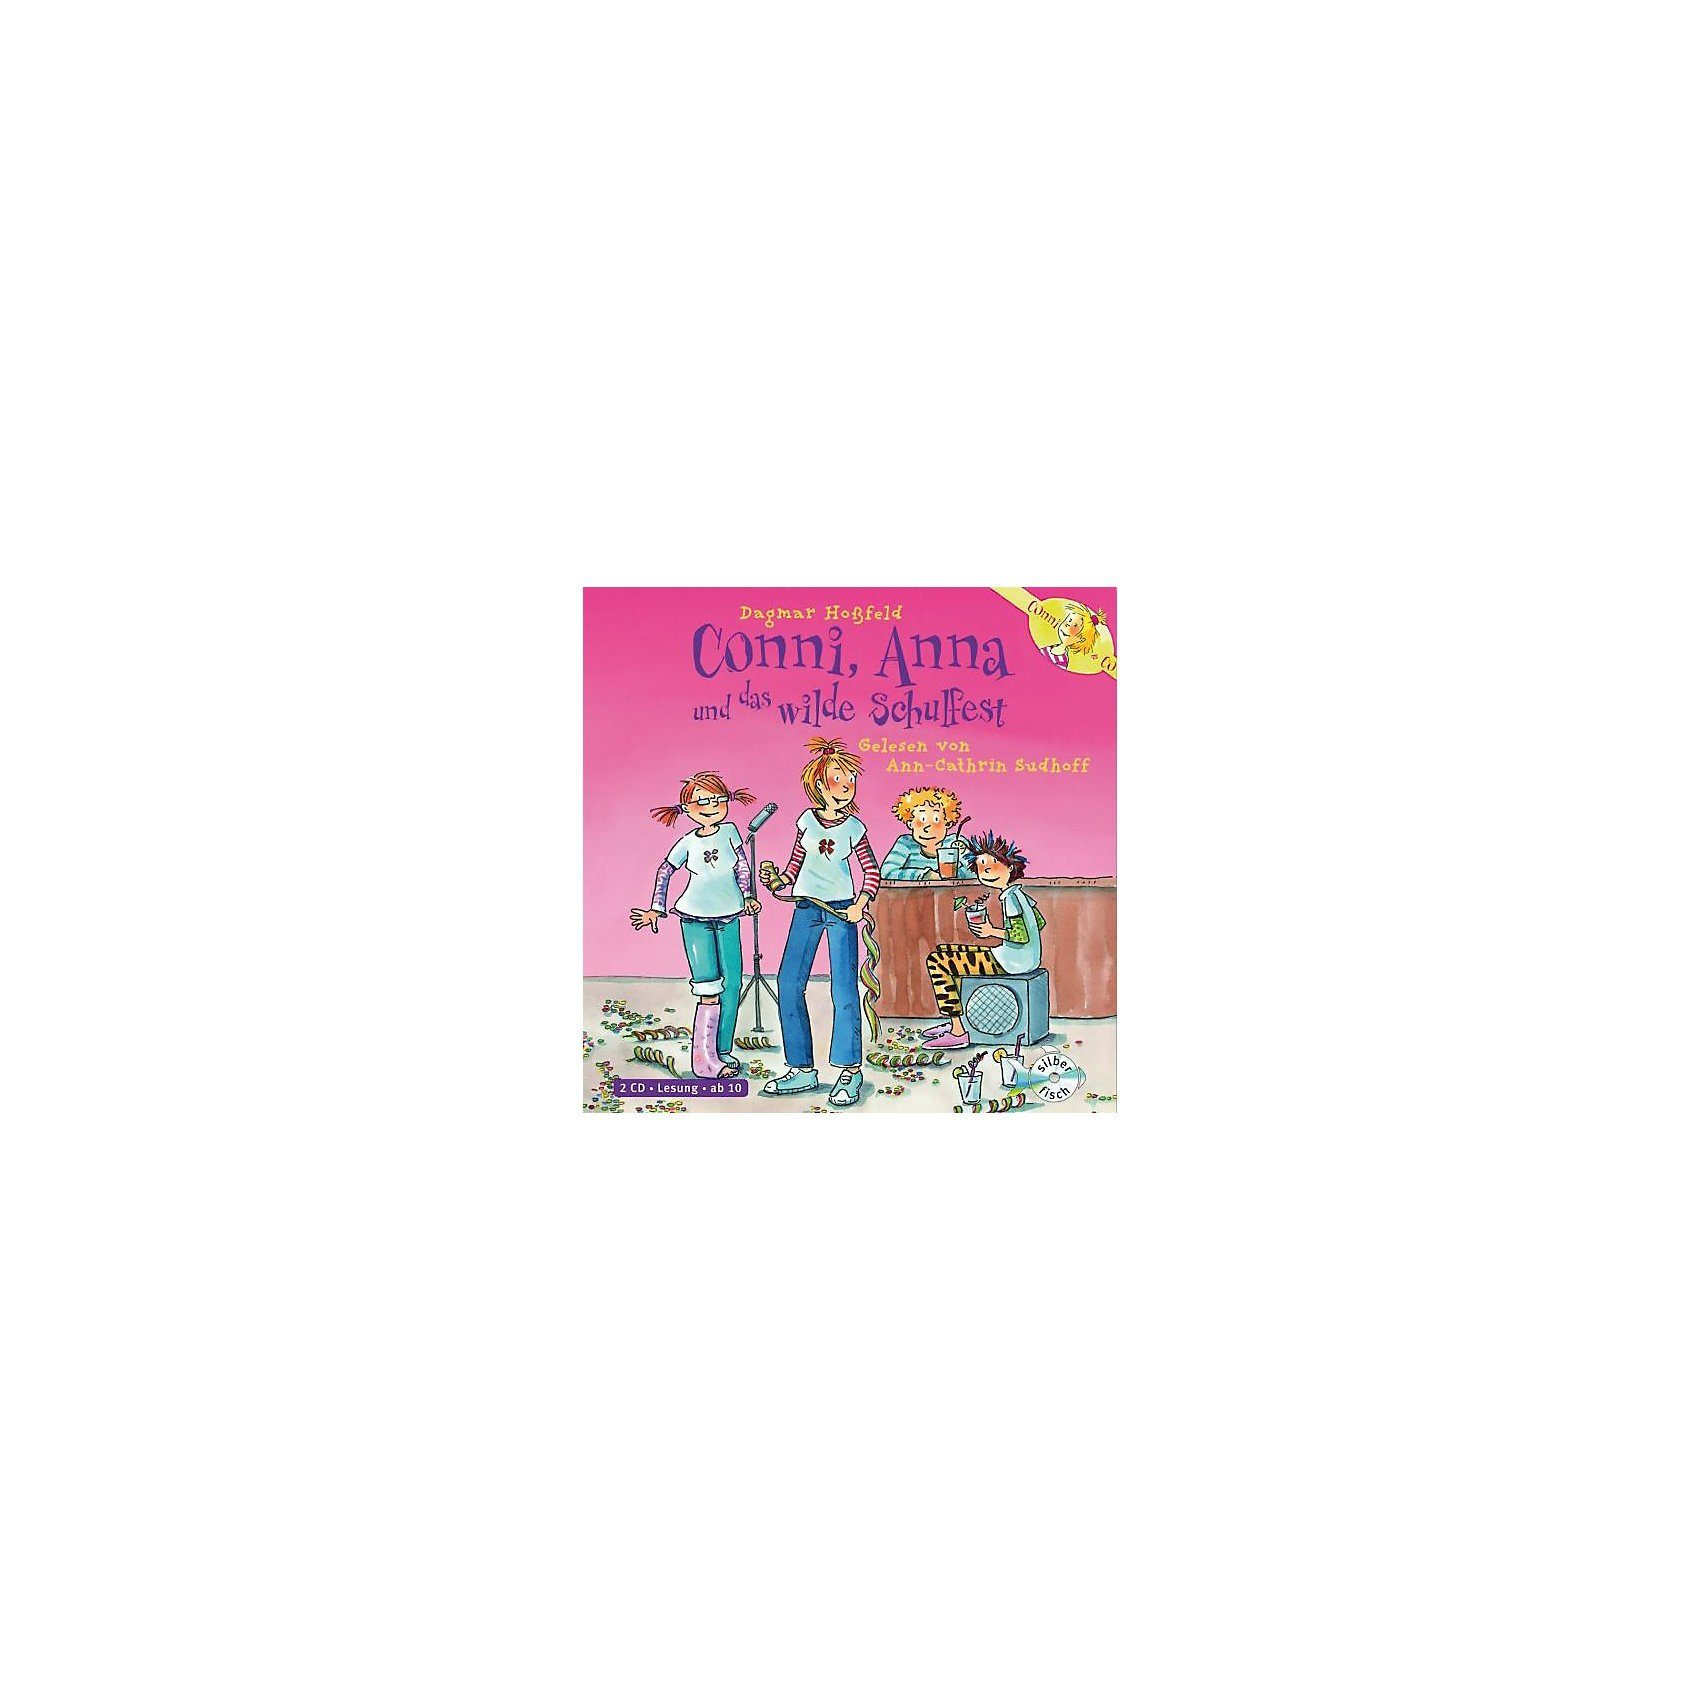 Carlsen Verlag Conni & Co.: Conni, Anna und das wilde Schulfest, 2 Audio-CD